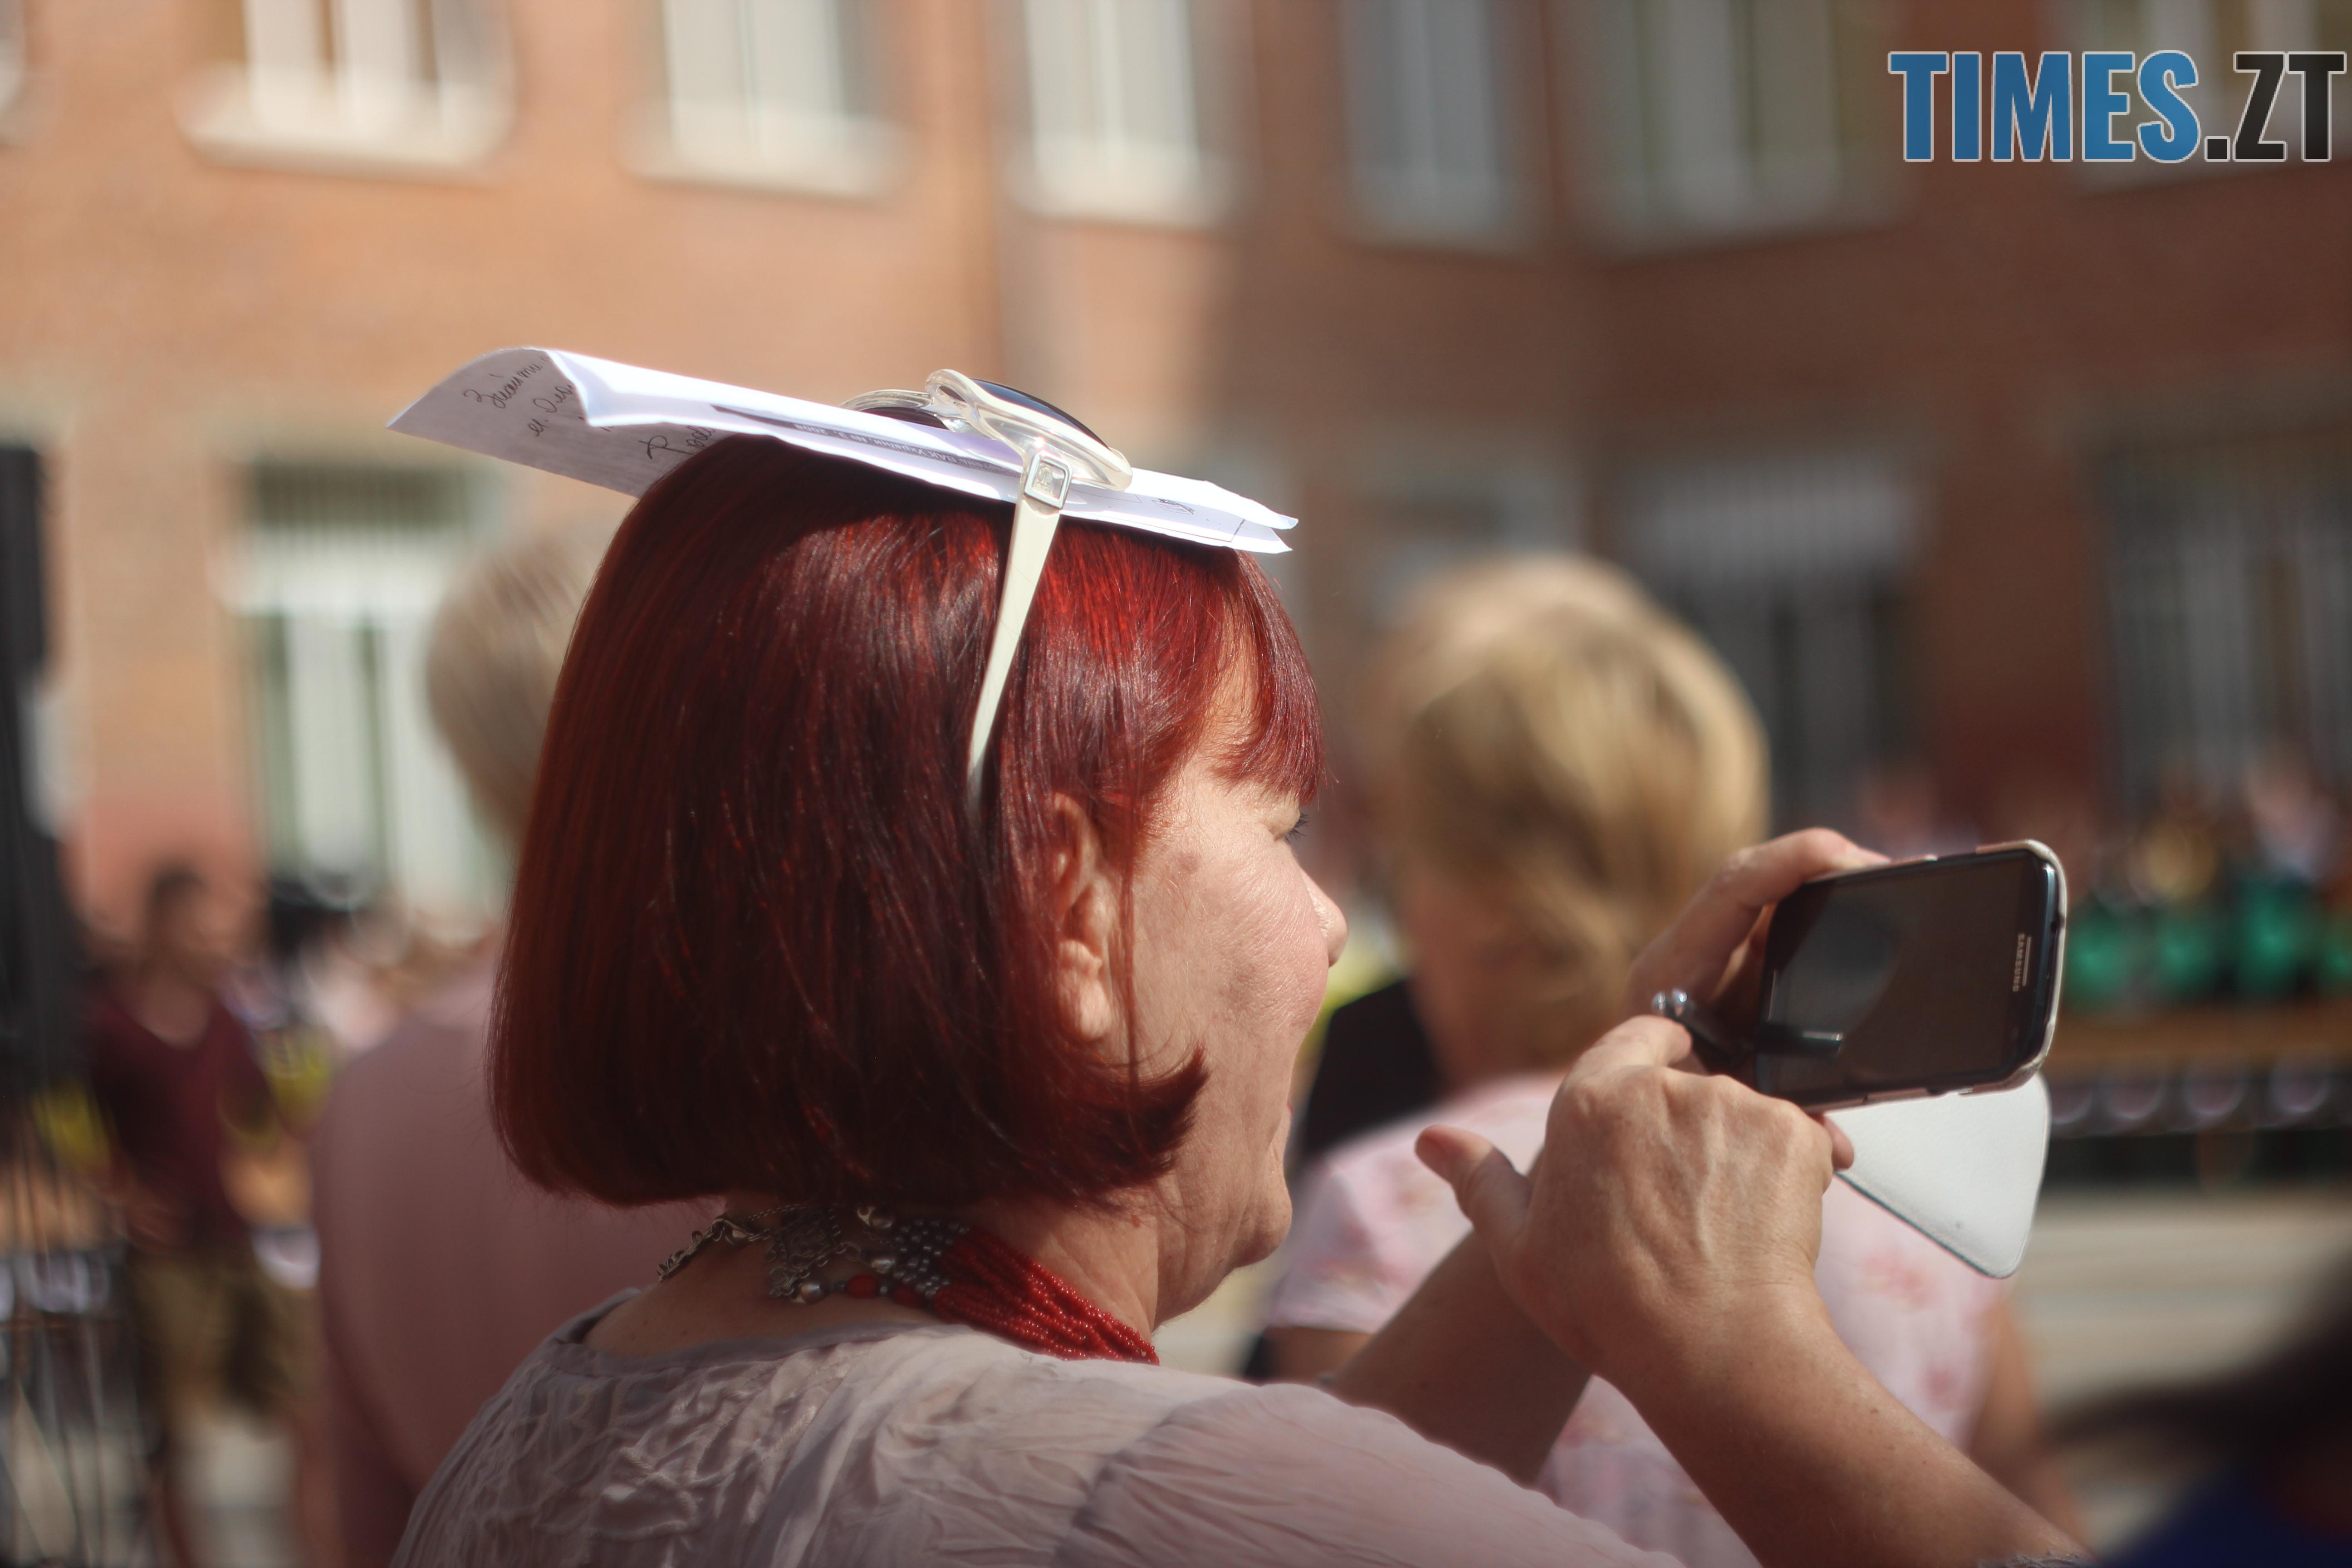 IMG 8934 - Майже 4 тисячі житомирських першокласників навчатимуться за системою Нової української школи (ФОТОРЕПОРТАЖ)